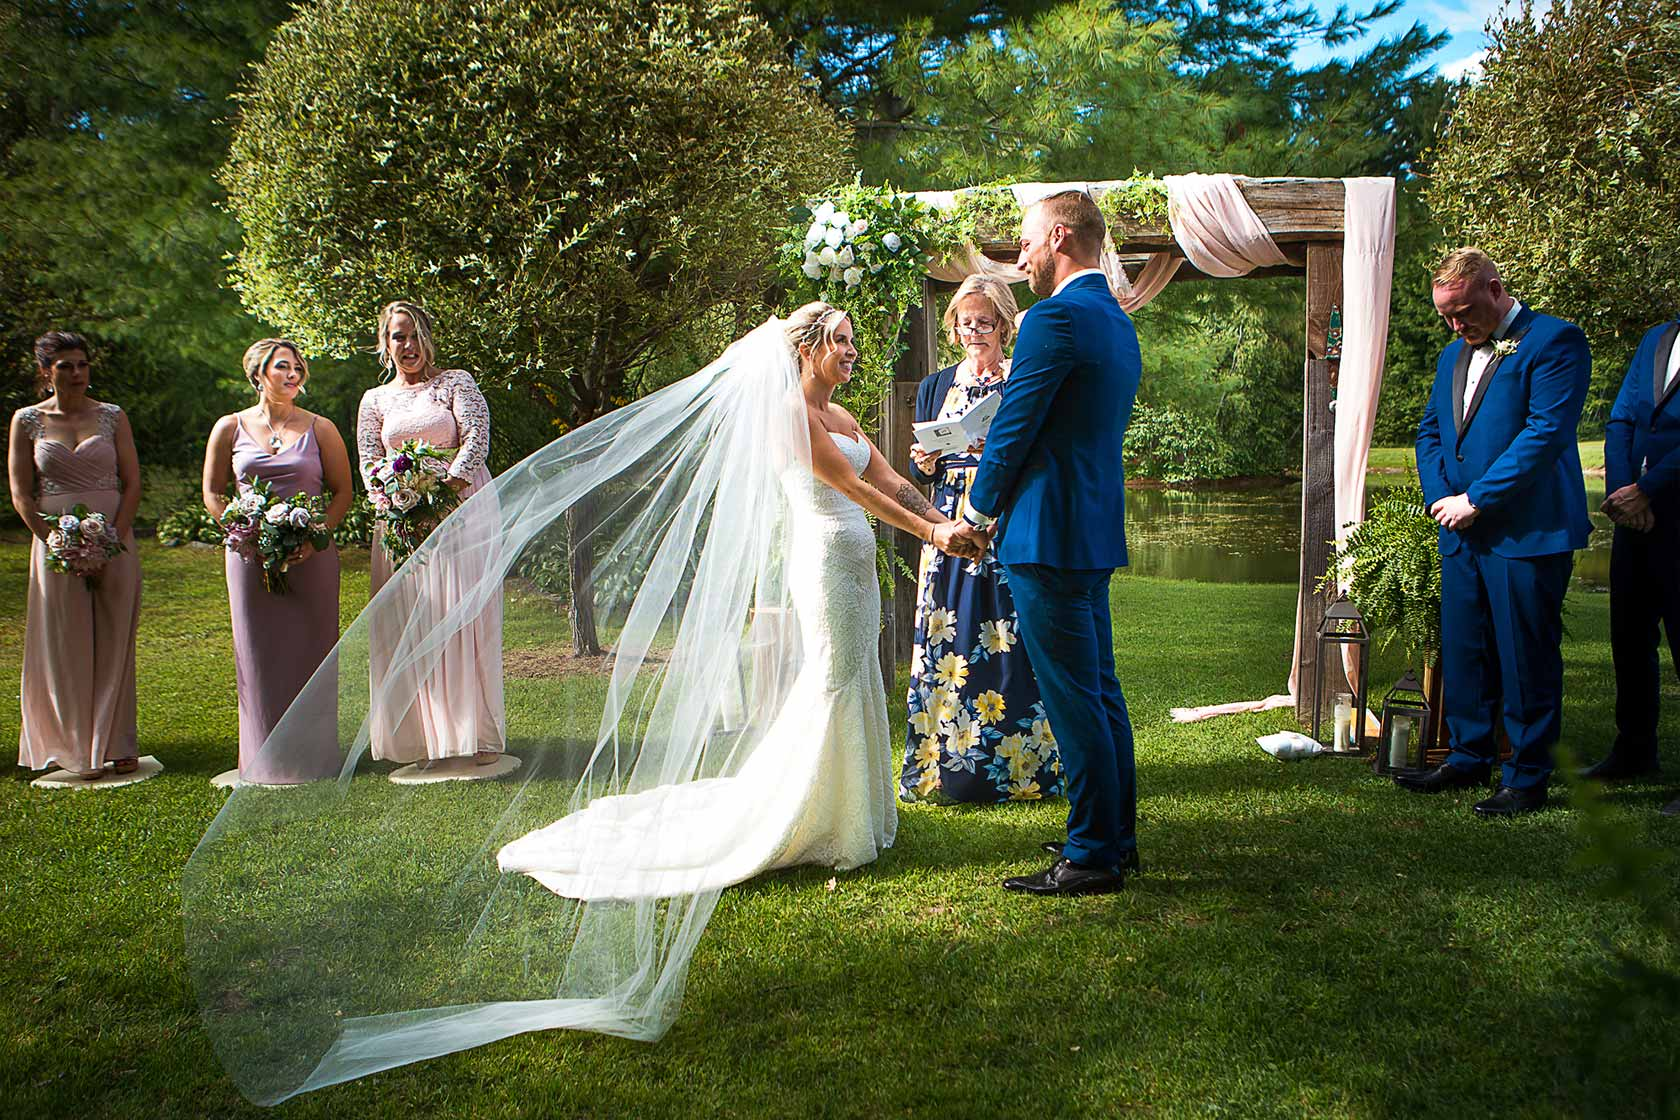 Danylo-Bobyk-Wedding-Photography-Stacey-Kenneth-12